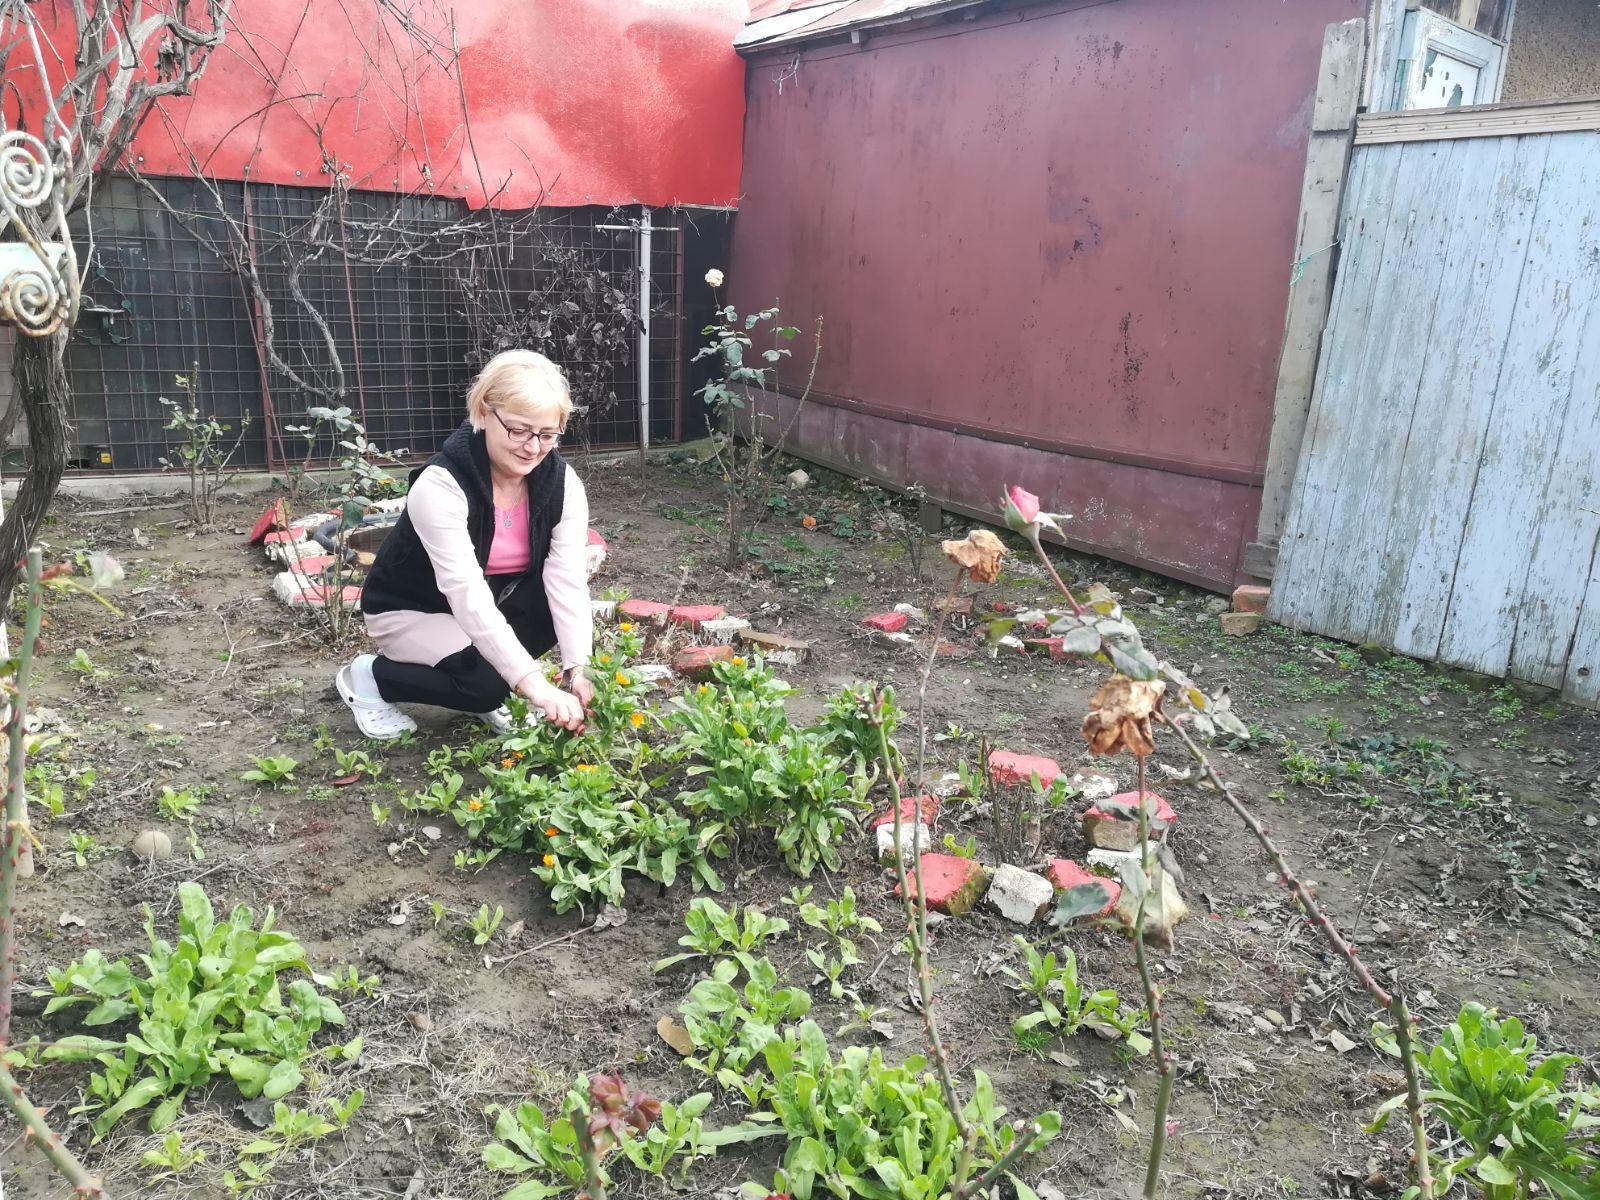 Căpşuni şi flori de primăvară, apărute în ianuarie, din cauza temperaturilor ridicate